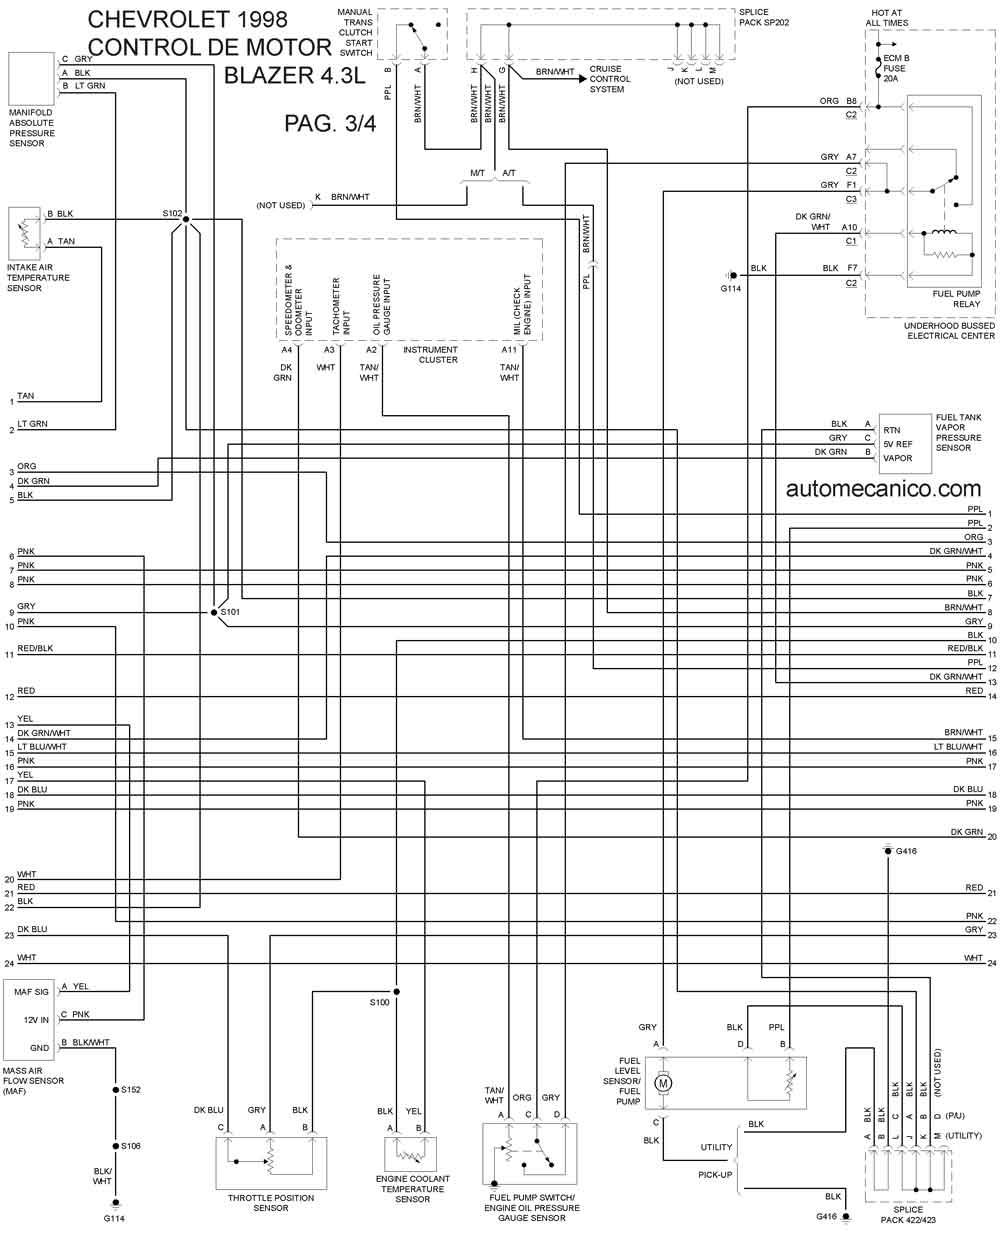 2002 blazer Diagrama del motor